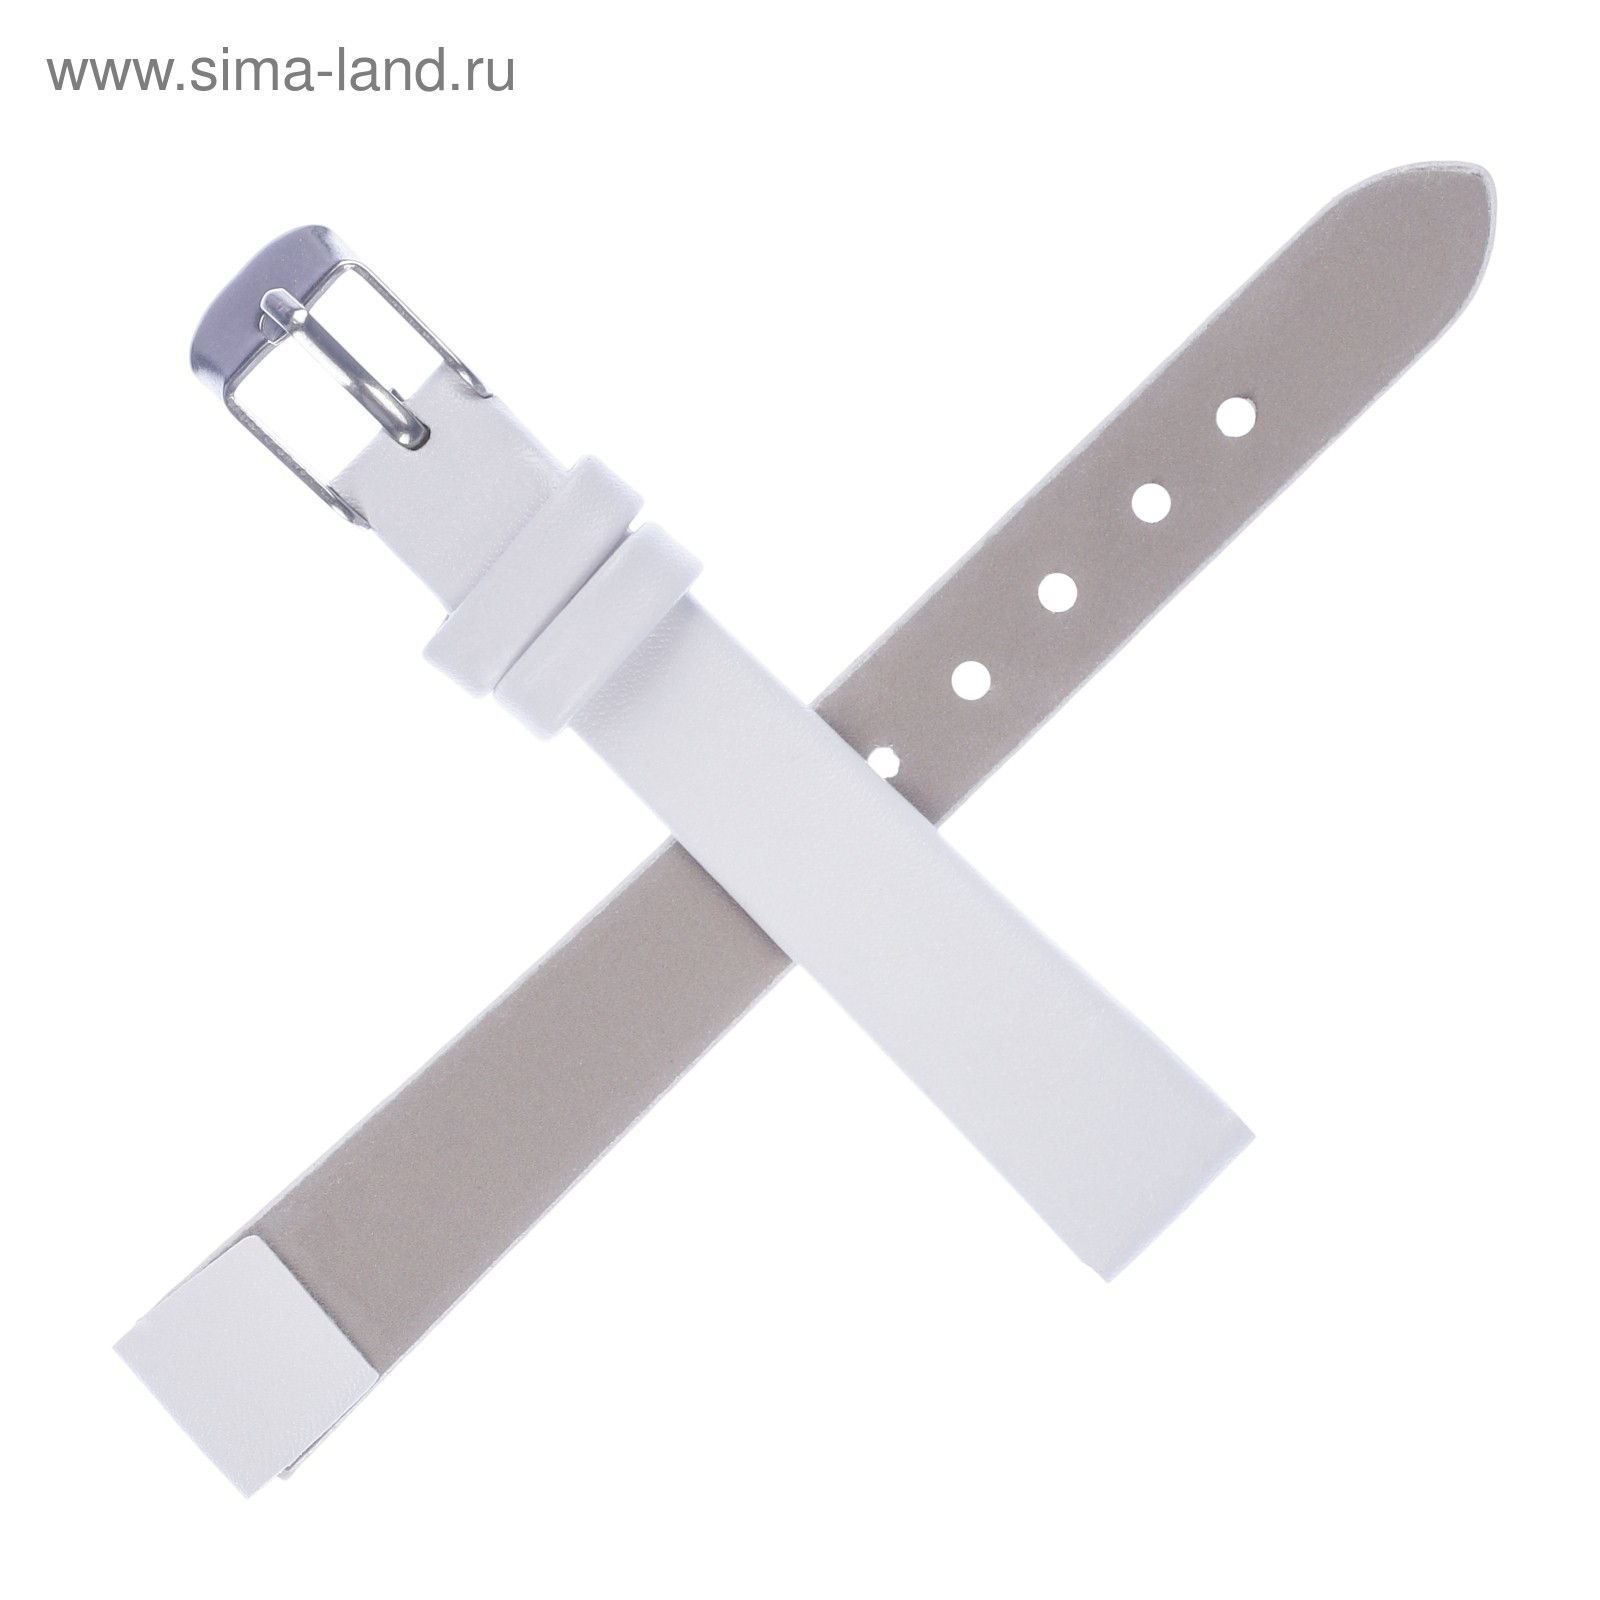 Ремешок для часов 12мм купить российские часы наручные мужские с автоподзаводом